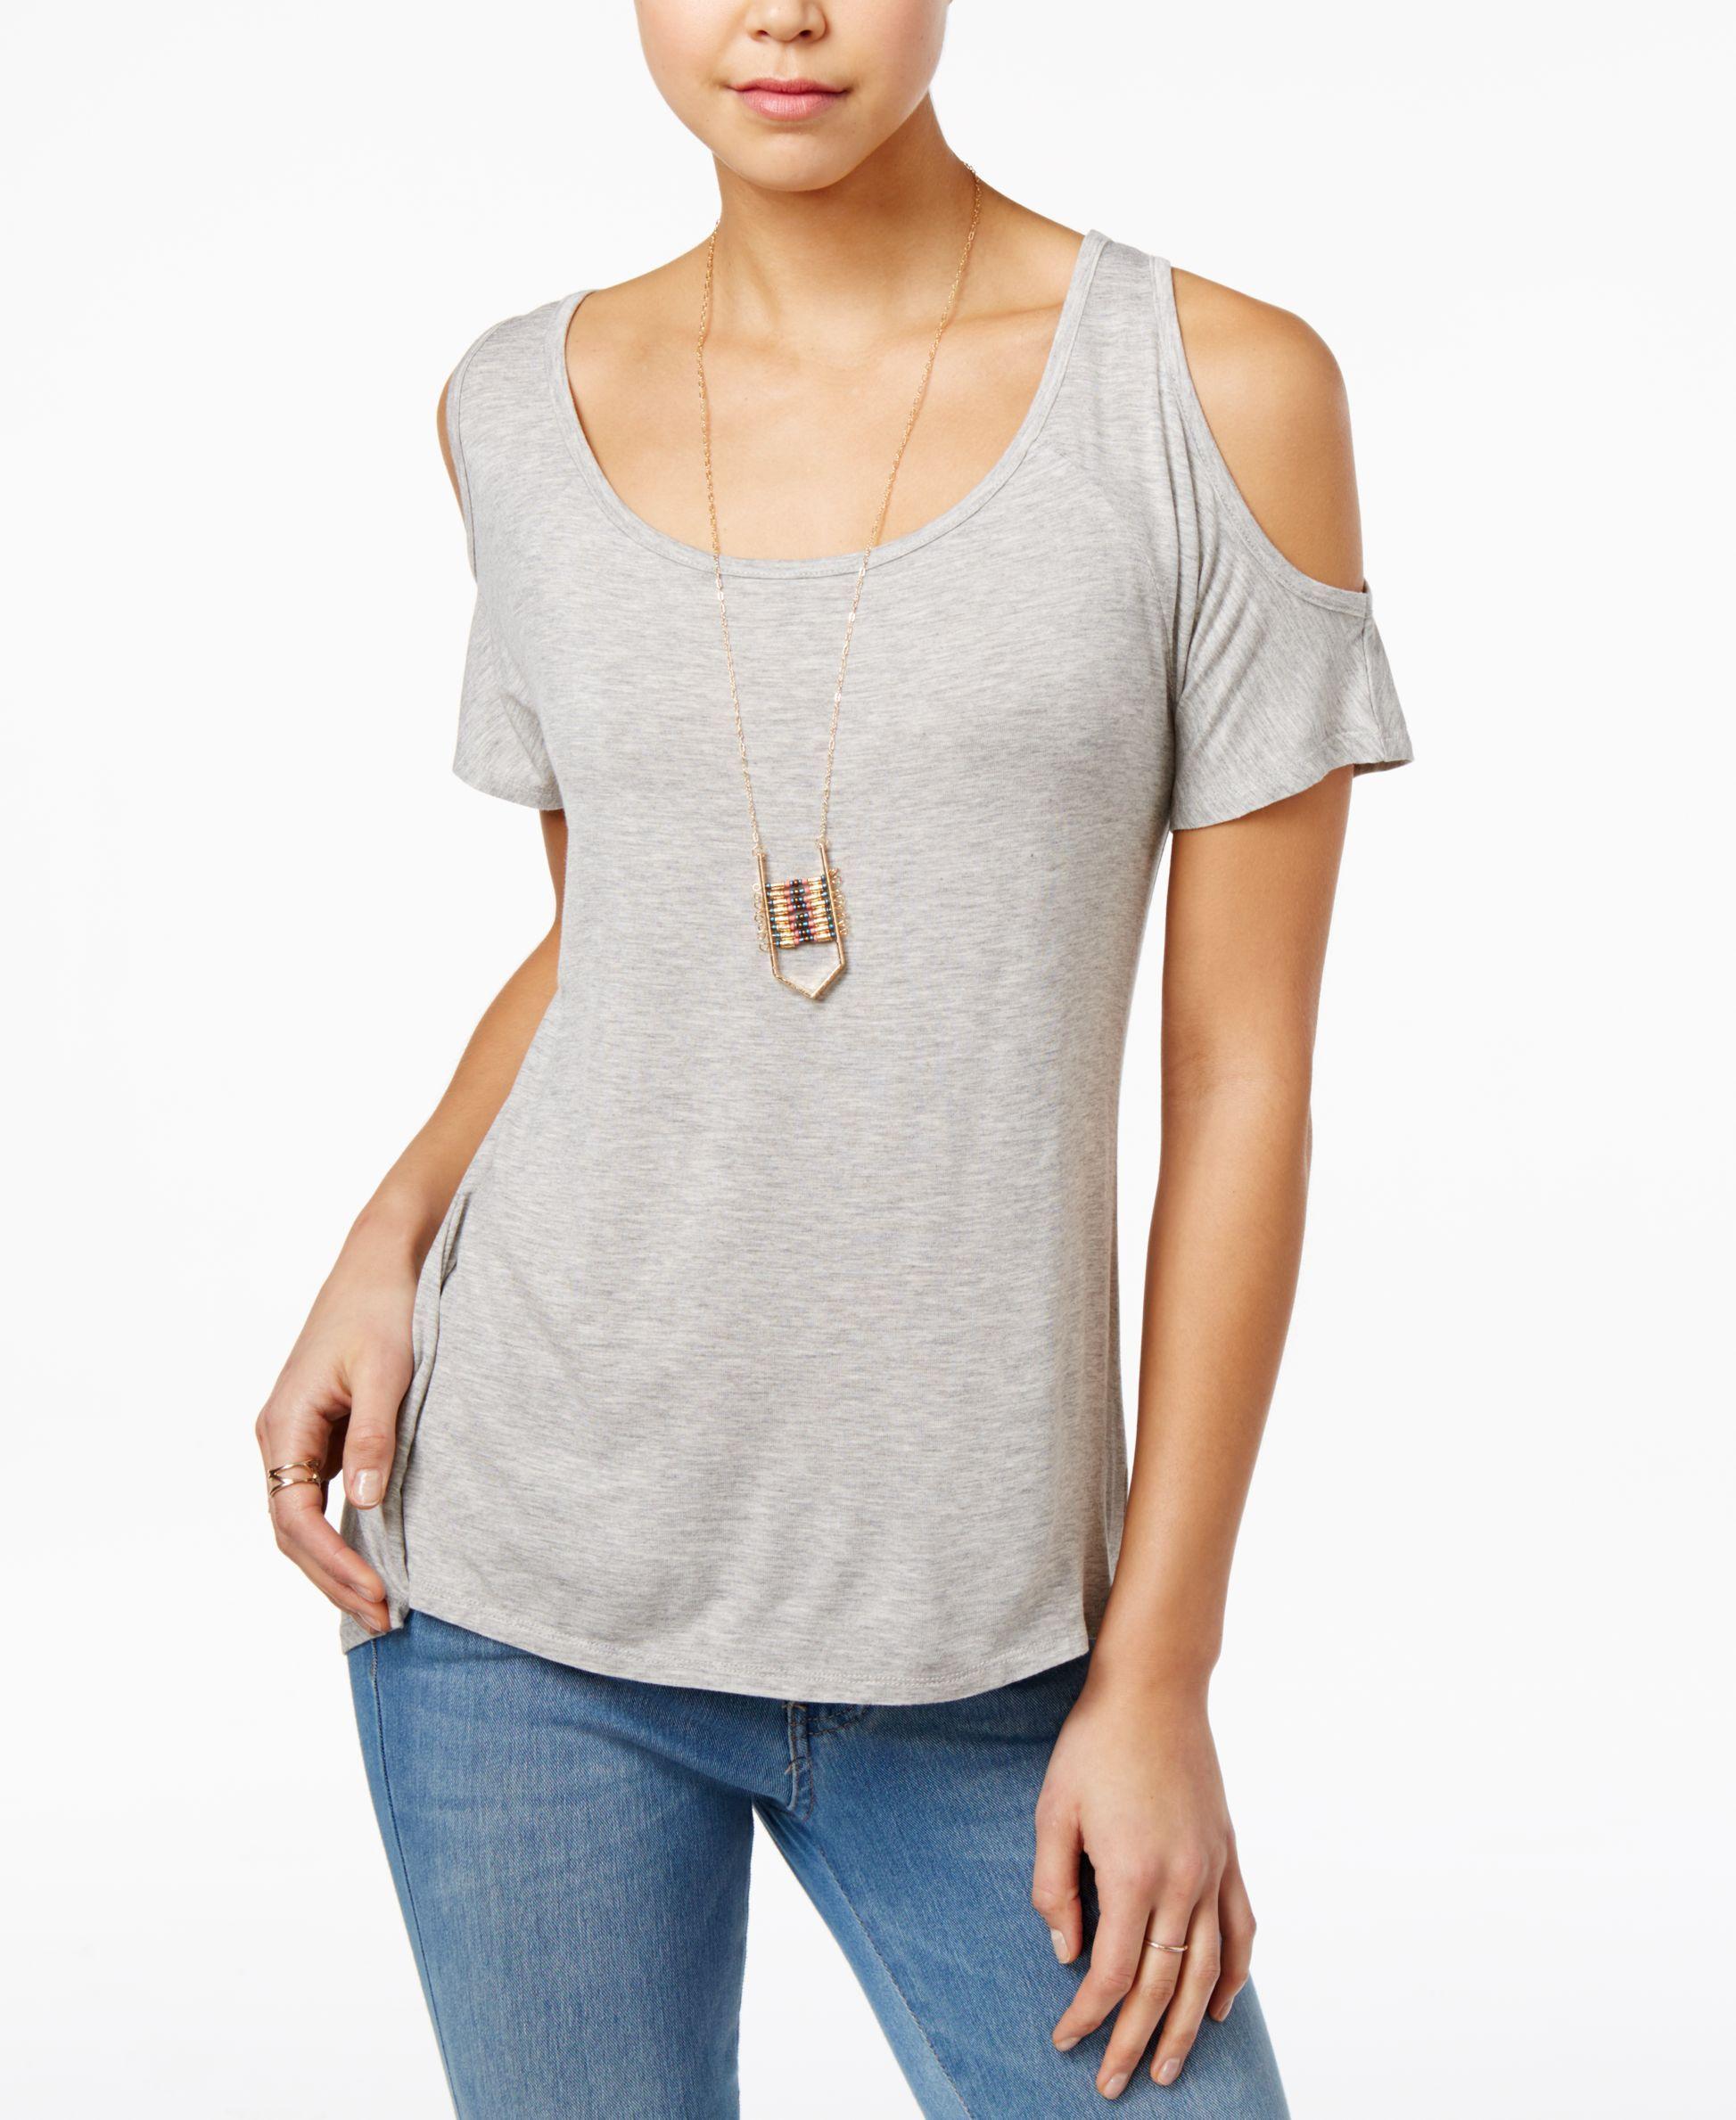 d990c43d9 Belle Du Jour Juniors  Cold-Shoulder Top with Necklace